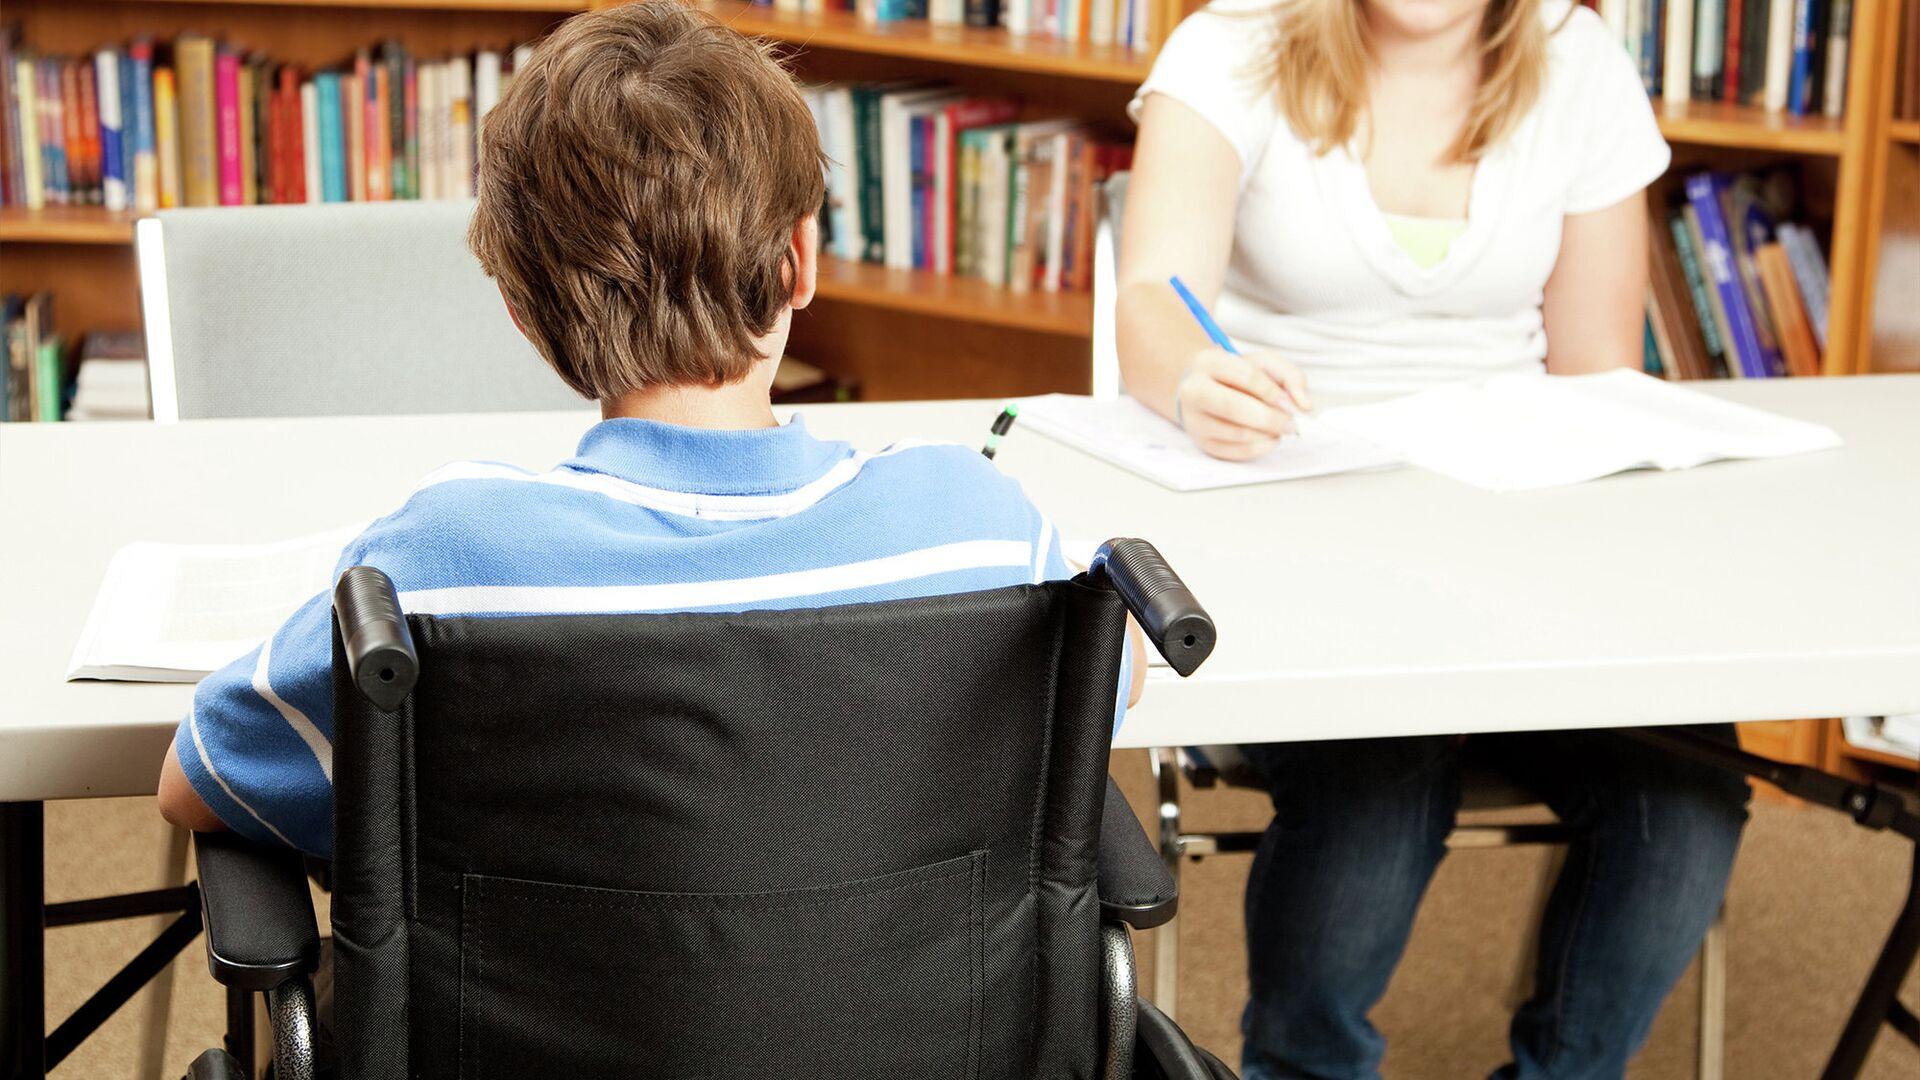 Ребенок с ограниченными возможностями в школьной библиотеке - РИА Новости, 1920, 02.08.2021